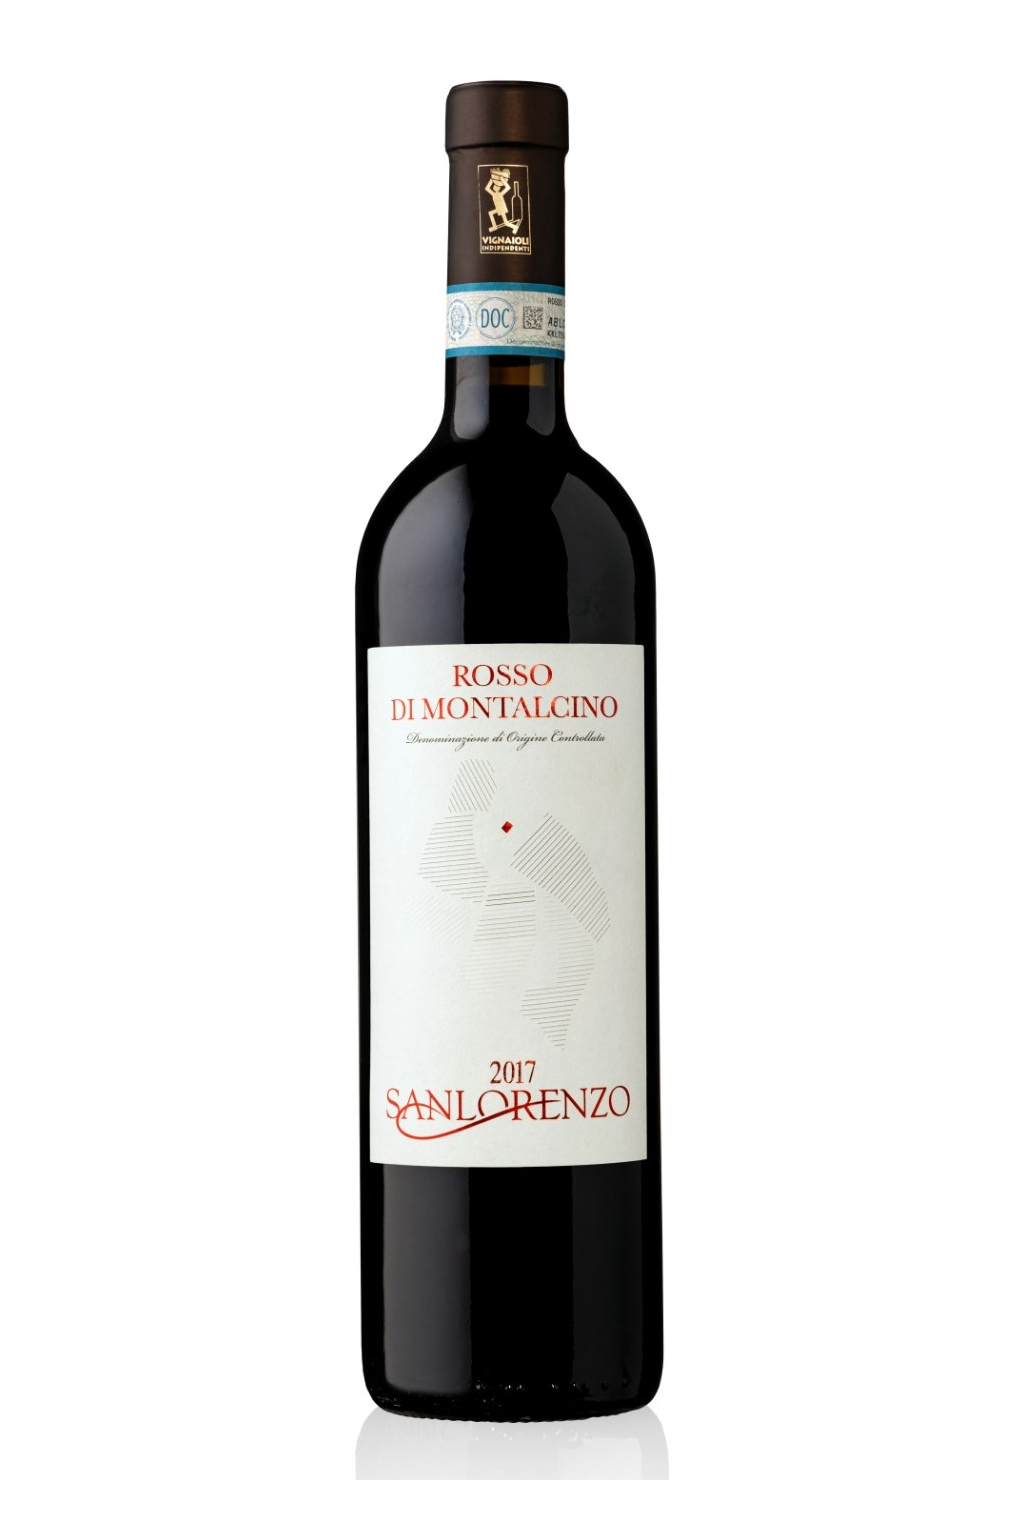 Rosso di Montalcino 2017 San Lorenzo (002)